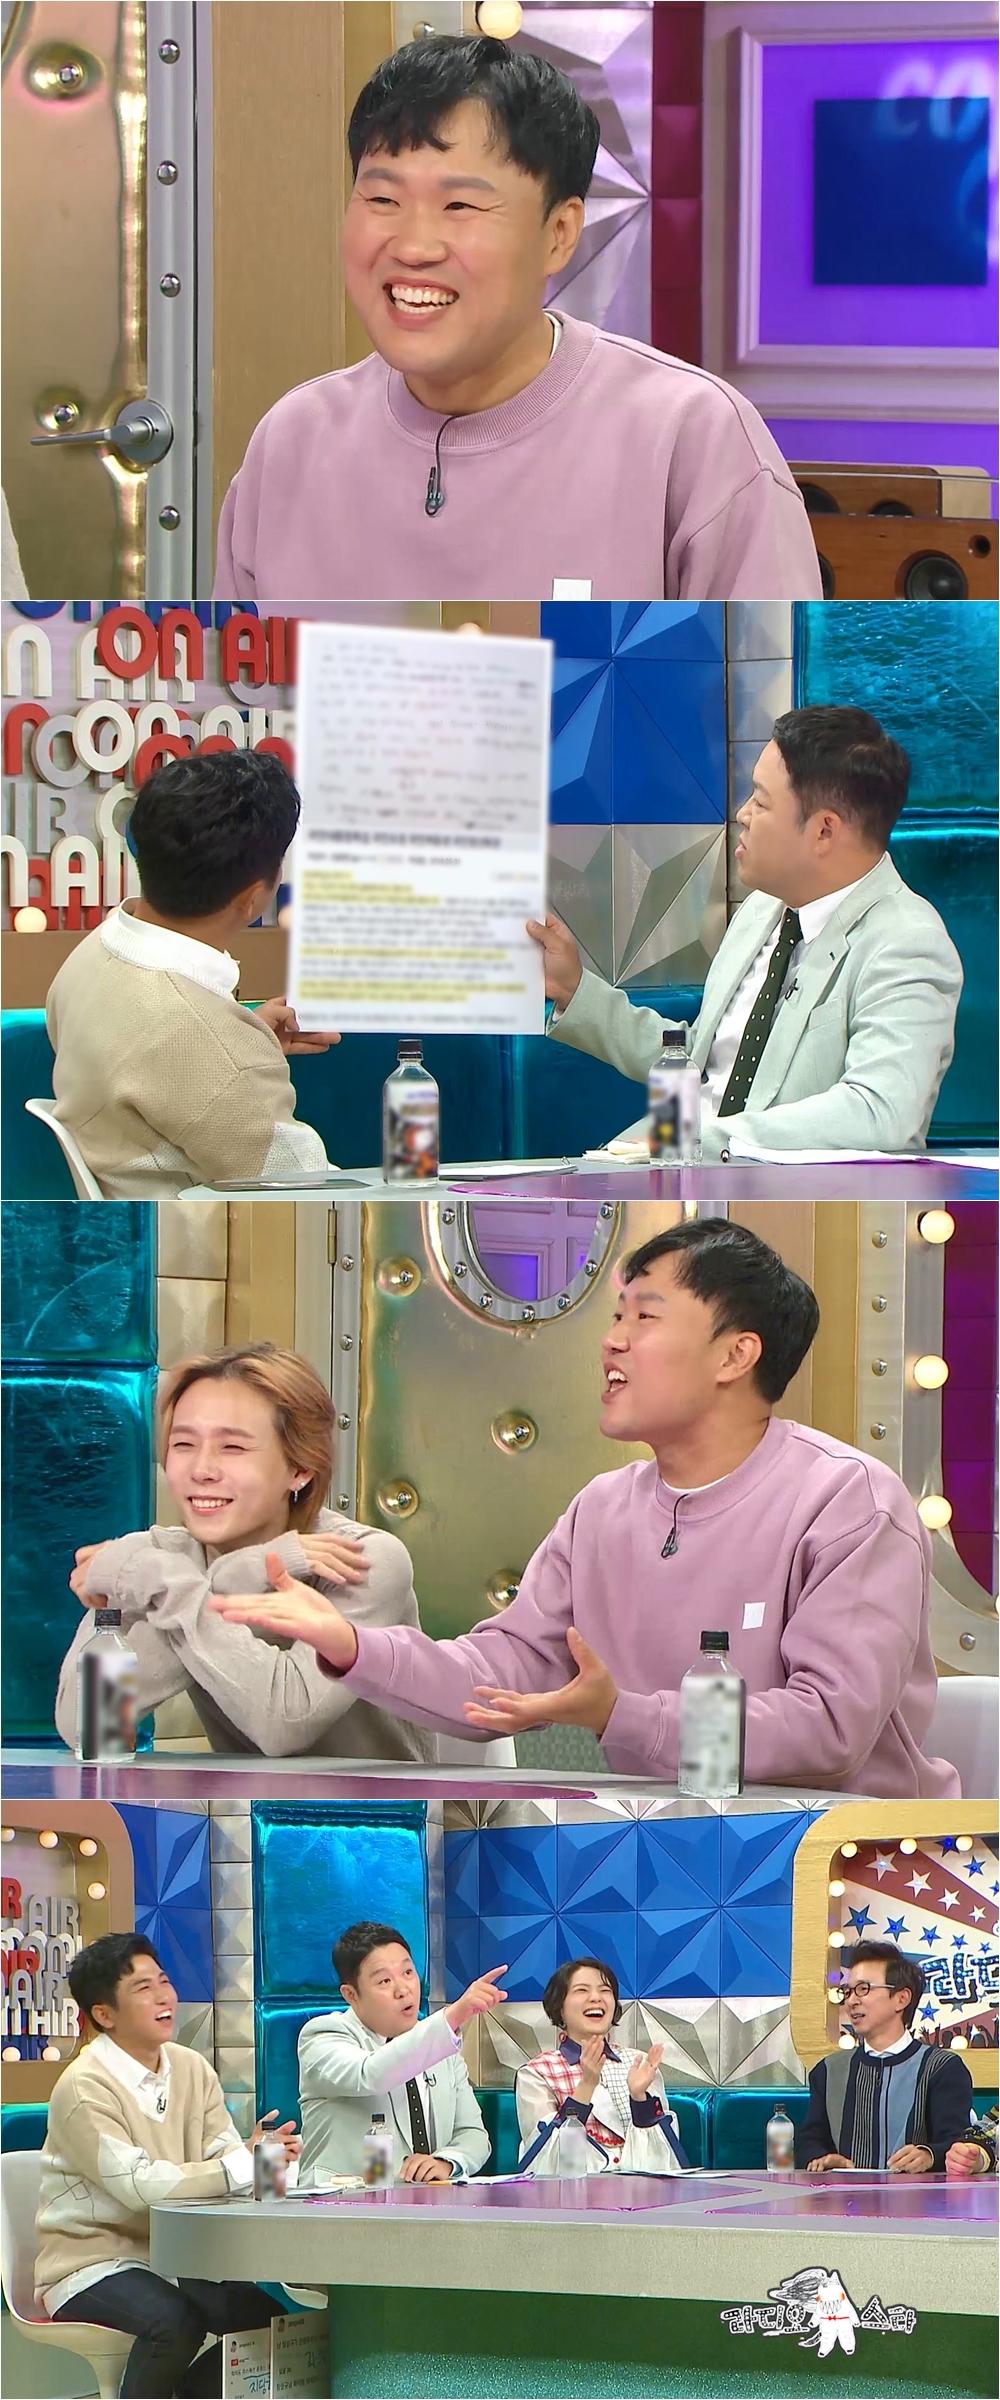 김용명, '라스' 출연하고 싶어서 제작진에 친필편지 쓴 사연